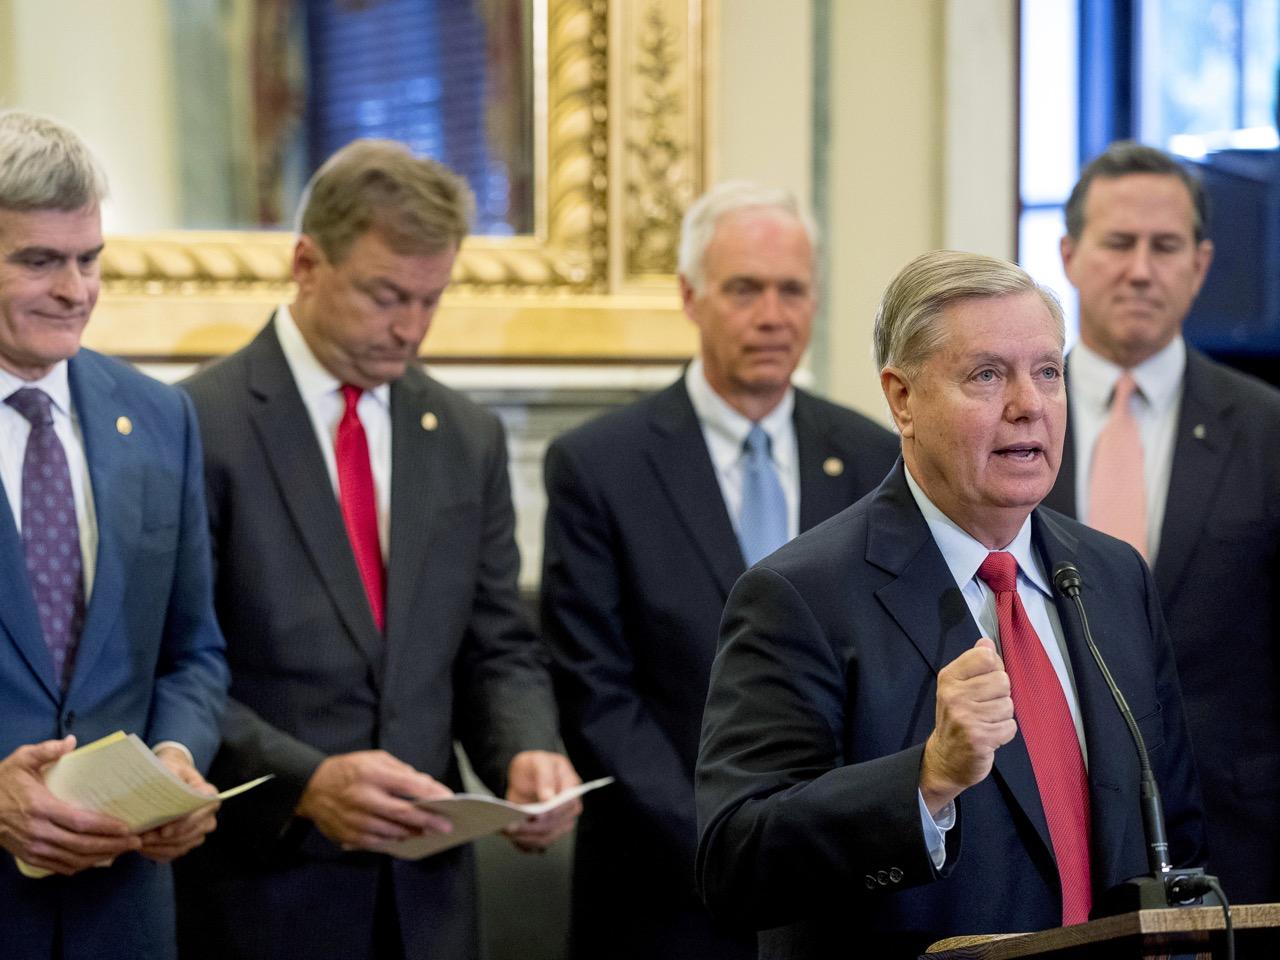 Lindsey Graham,Bill Cassidy,Ron Johnson,Dean Heller,Rick Santorum